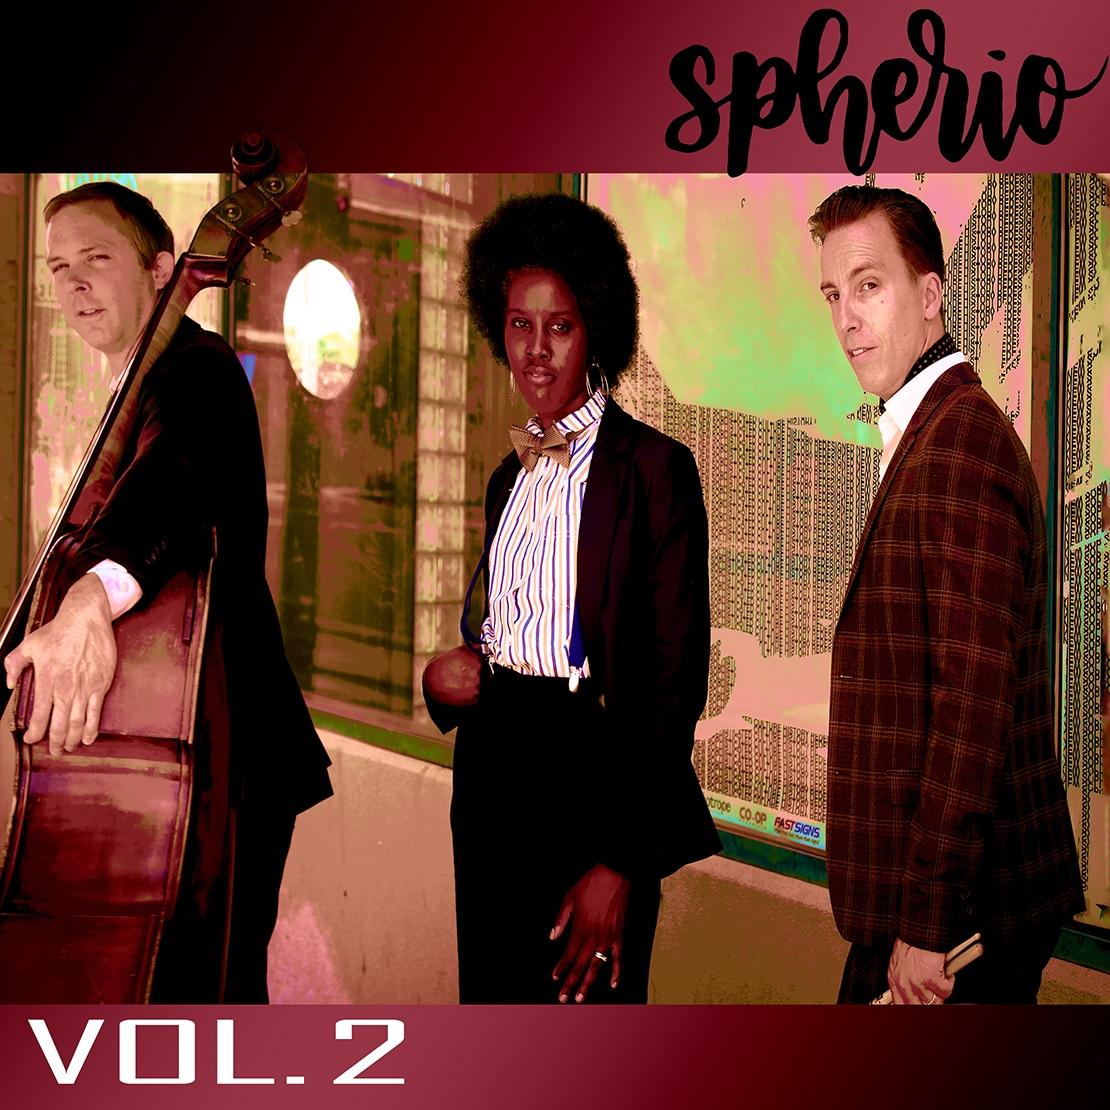 Spherio Vol-2 Album cover